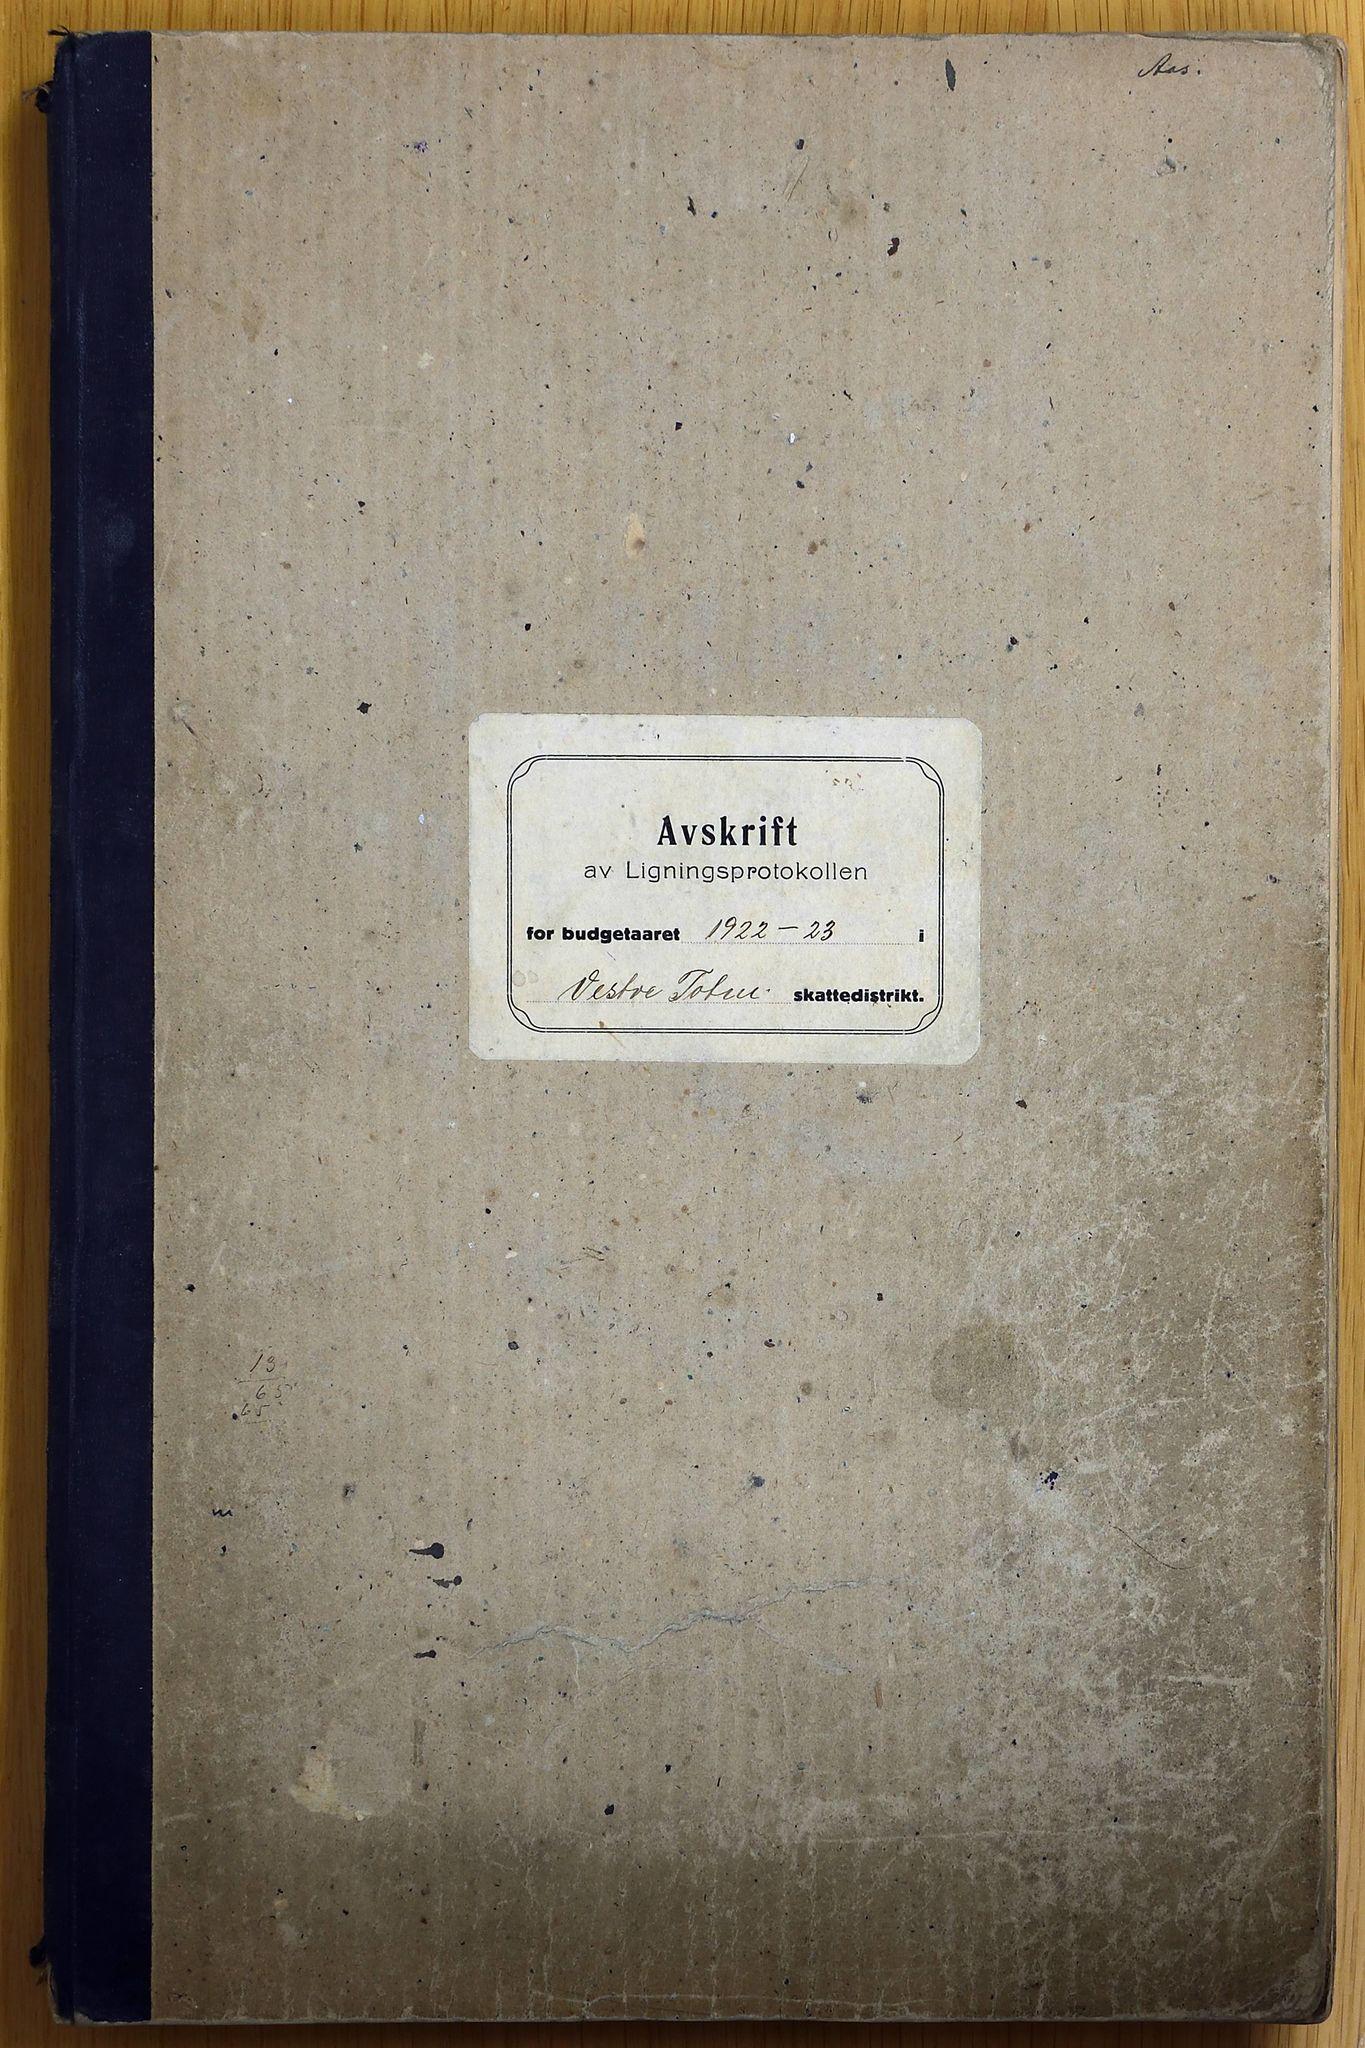 KVT, Vestre Toten kommunearkiv: Vestre Toten kommune, Avskrift av ligningsprotokollen for budsjettåret 1922-1923 i Vestre Toten skattedistrikt, 1922-1923